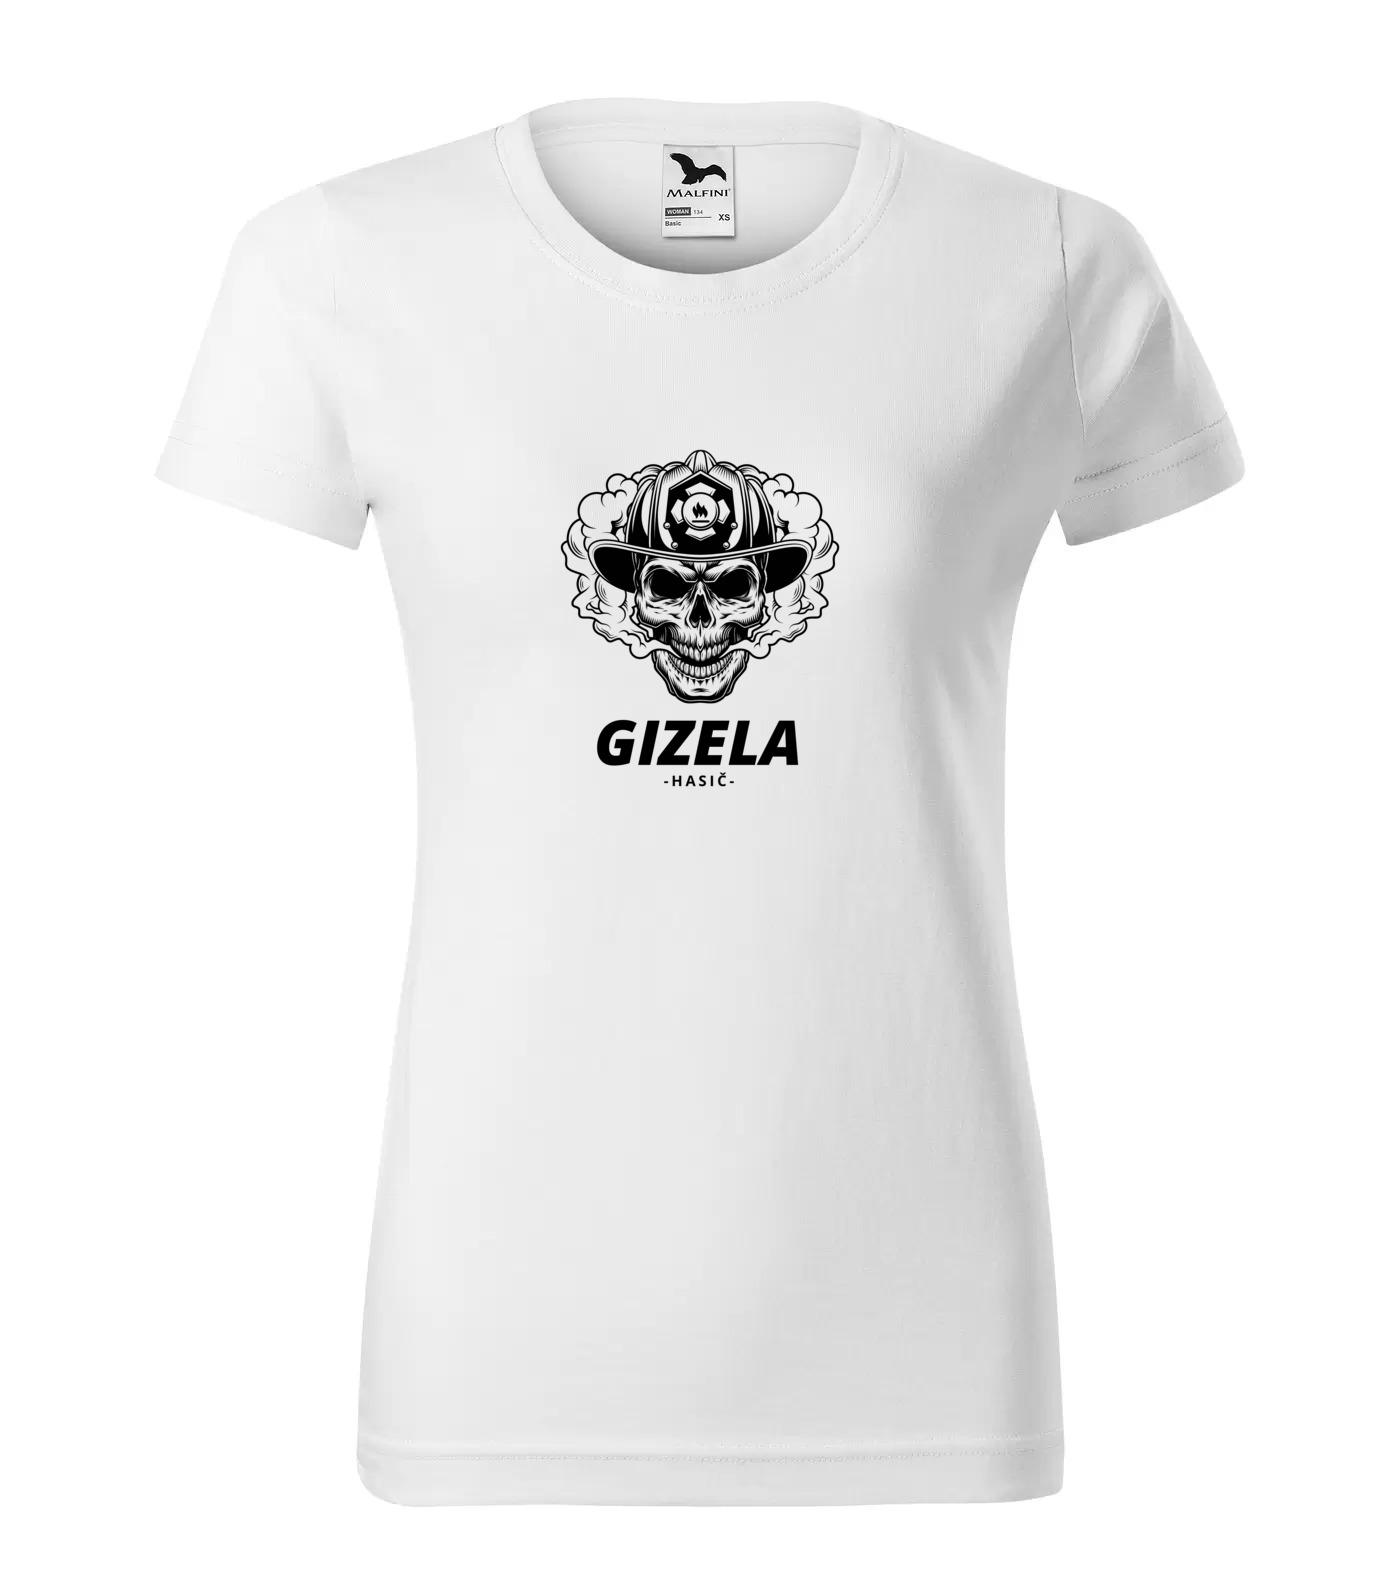 Tričko Hasič Gizela